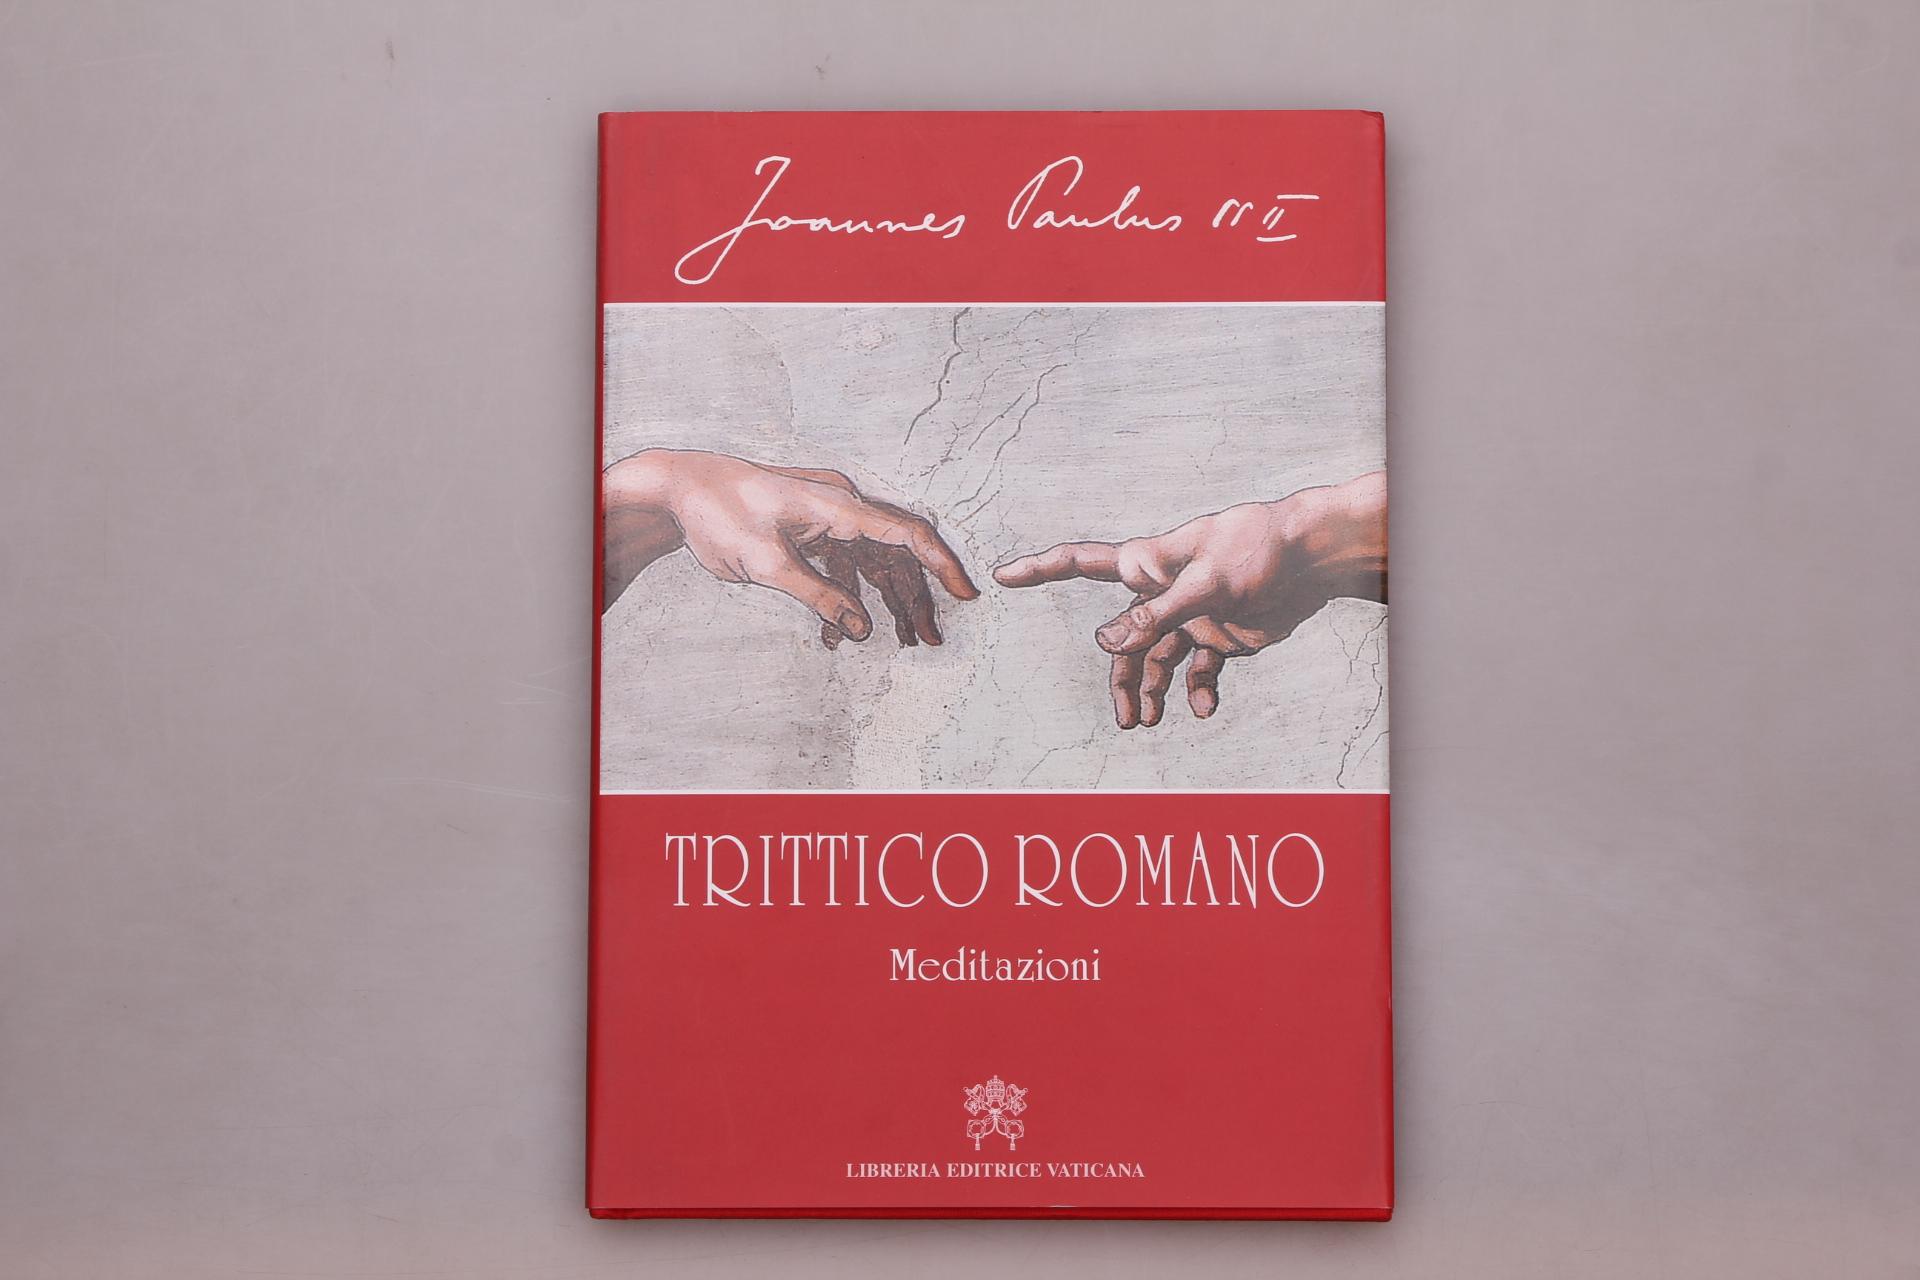 Paolo II, Giovanni TRITTICO ROMANO